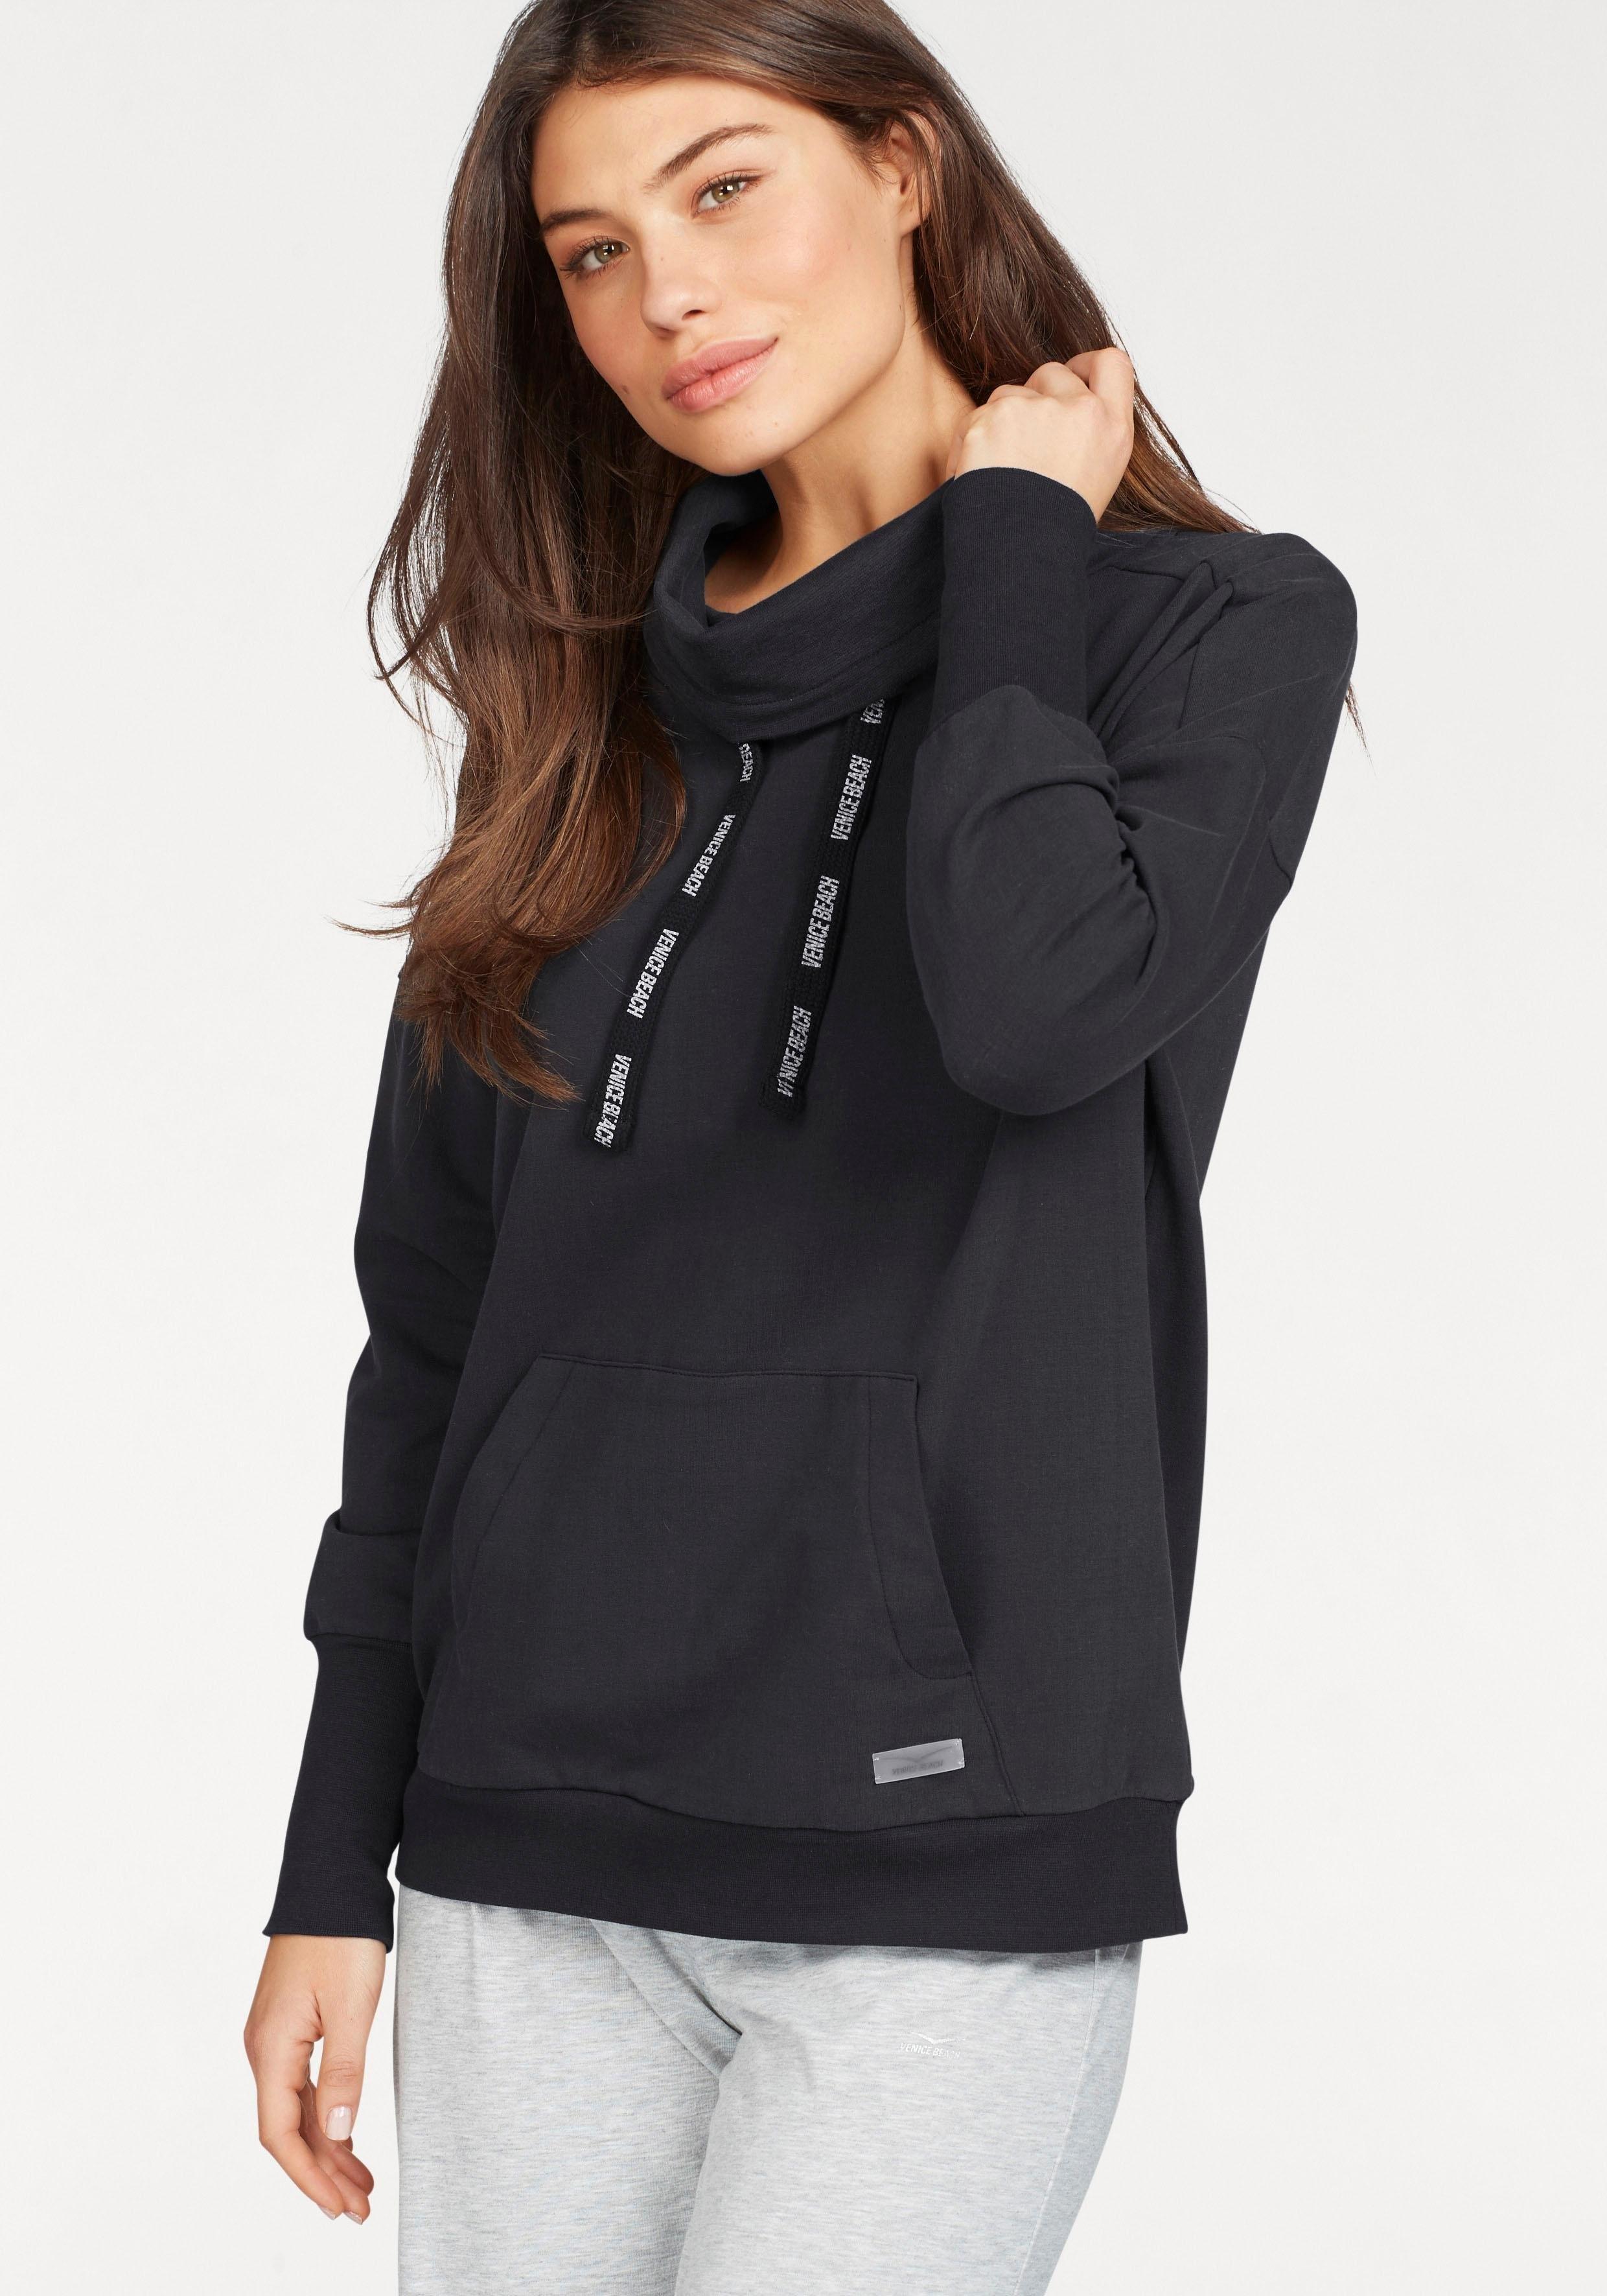 VENICE BEACH sweatshirt »Lenka« van babyfleece met staande kraag - gratis ruilen op lascana.nl